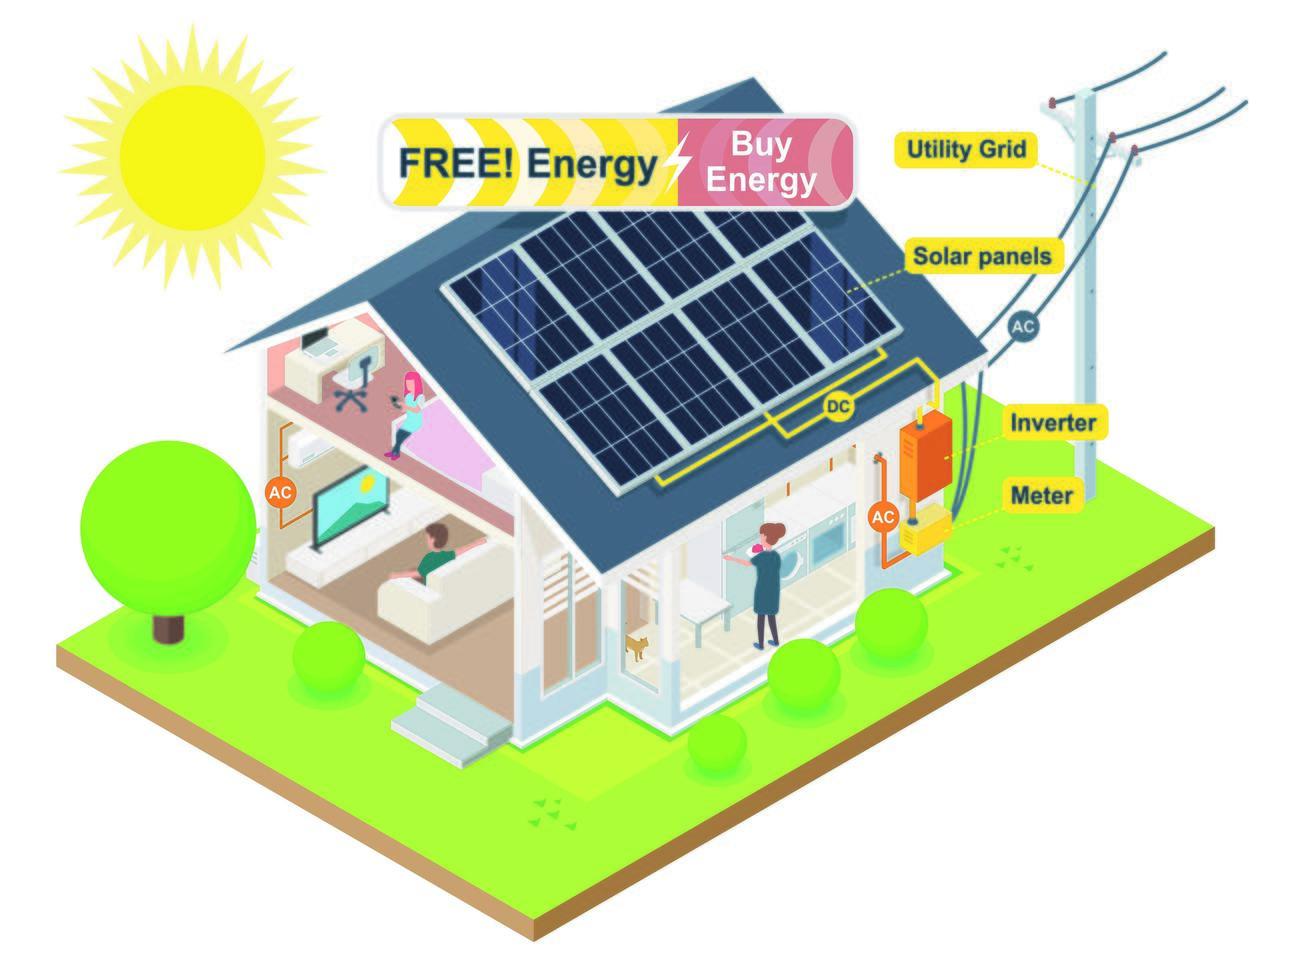 Sonnenkollektoren beherbergen Energieeinsparungen vektor